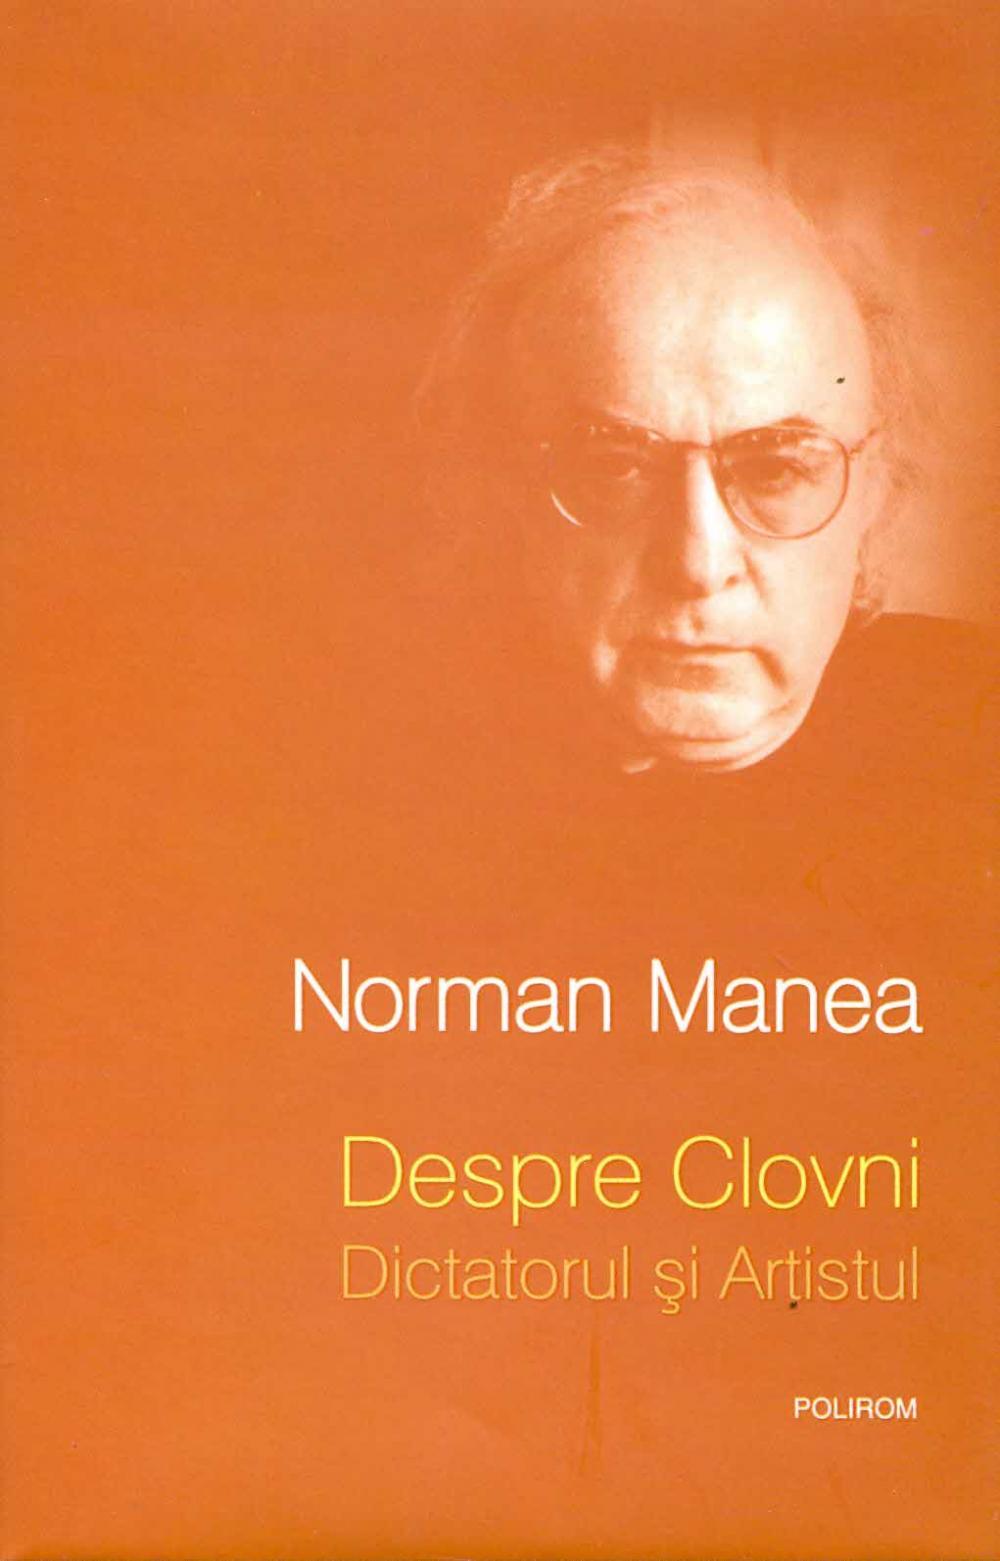 DESPRE CLOVNI: DICTATORUL SI ARTISTUL EDITIA 2013